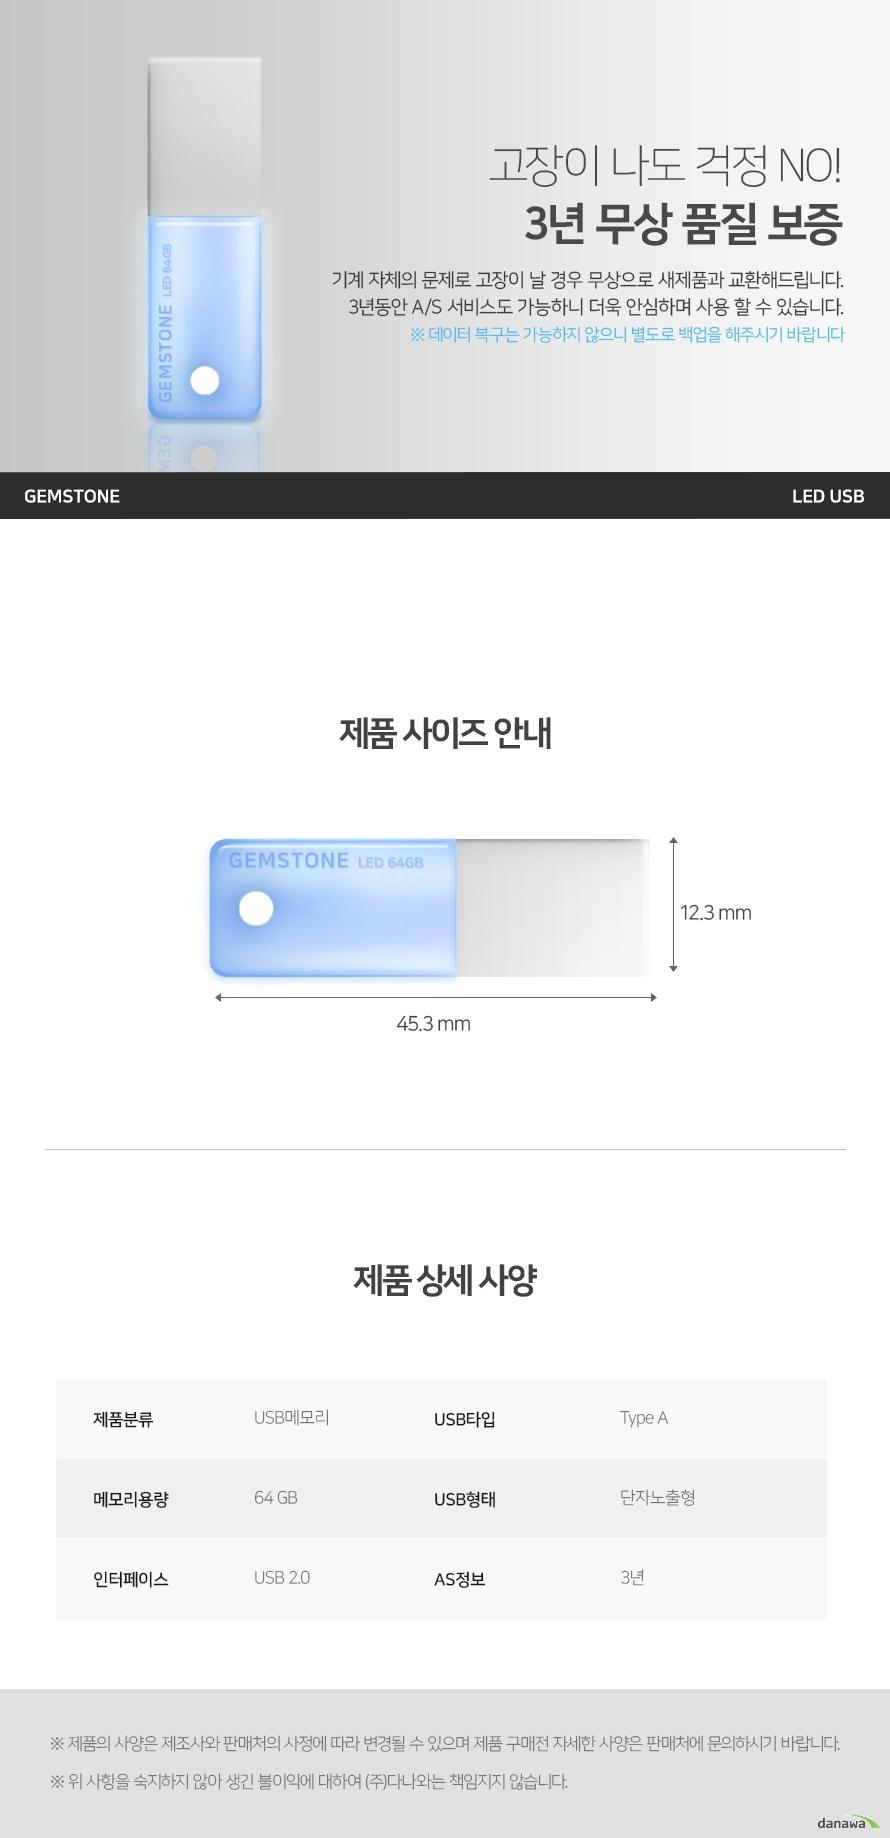 젬스톤  LED USB 2.0(64GB)